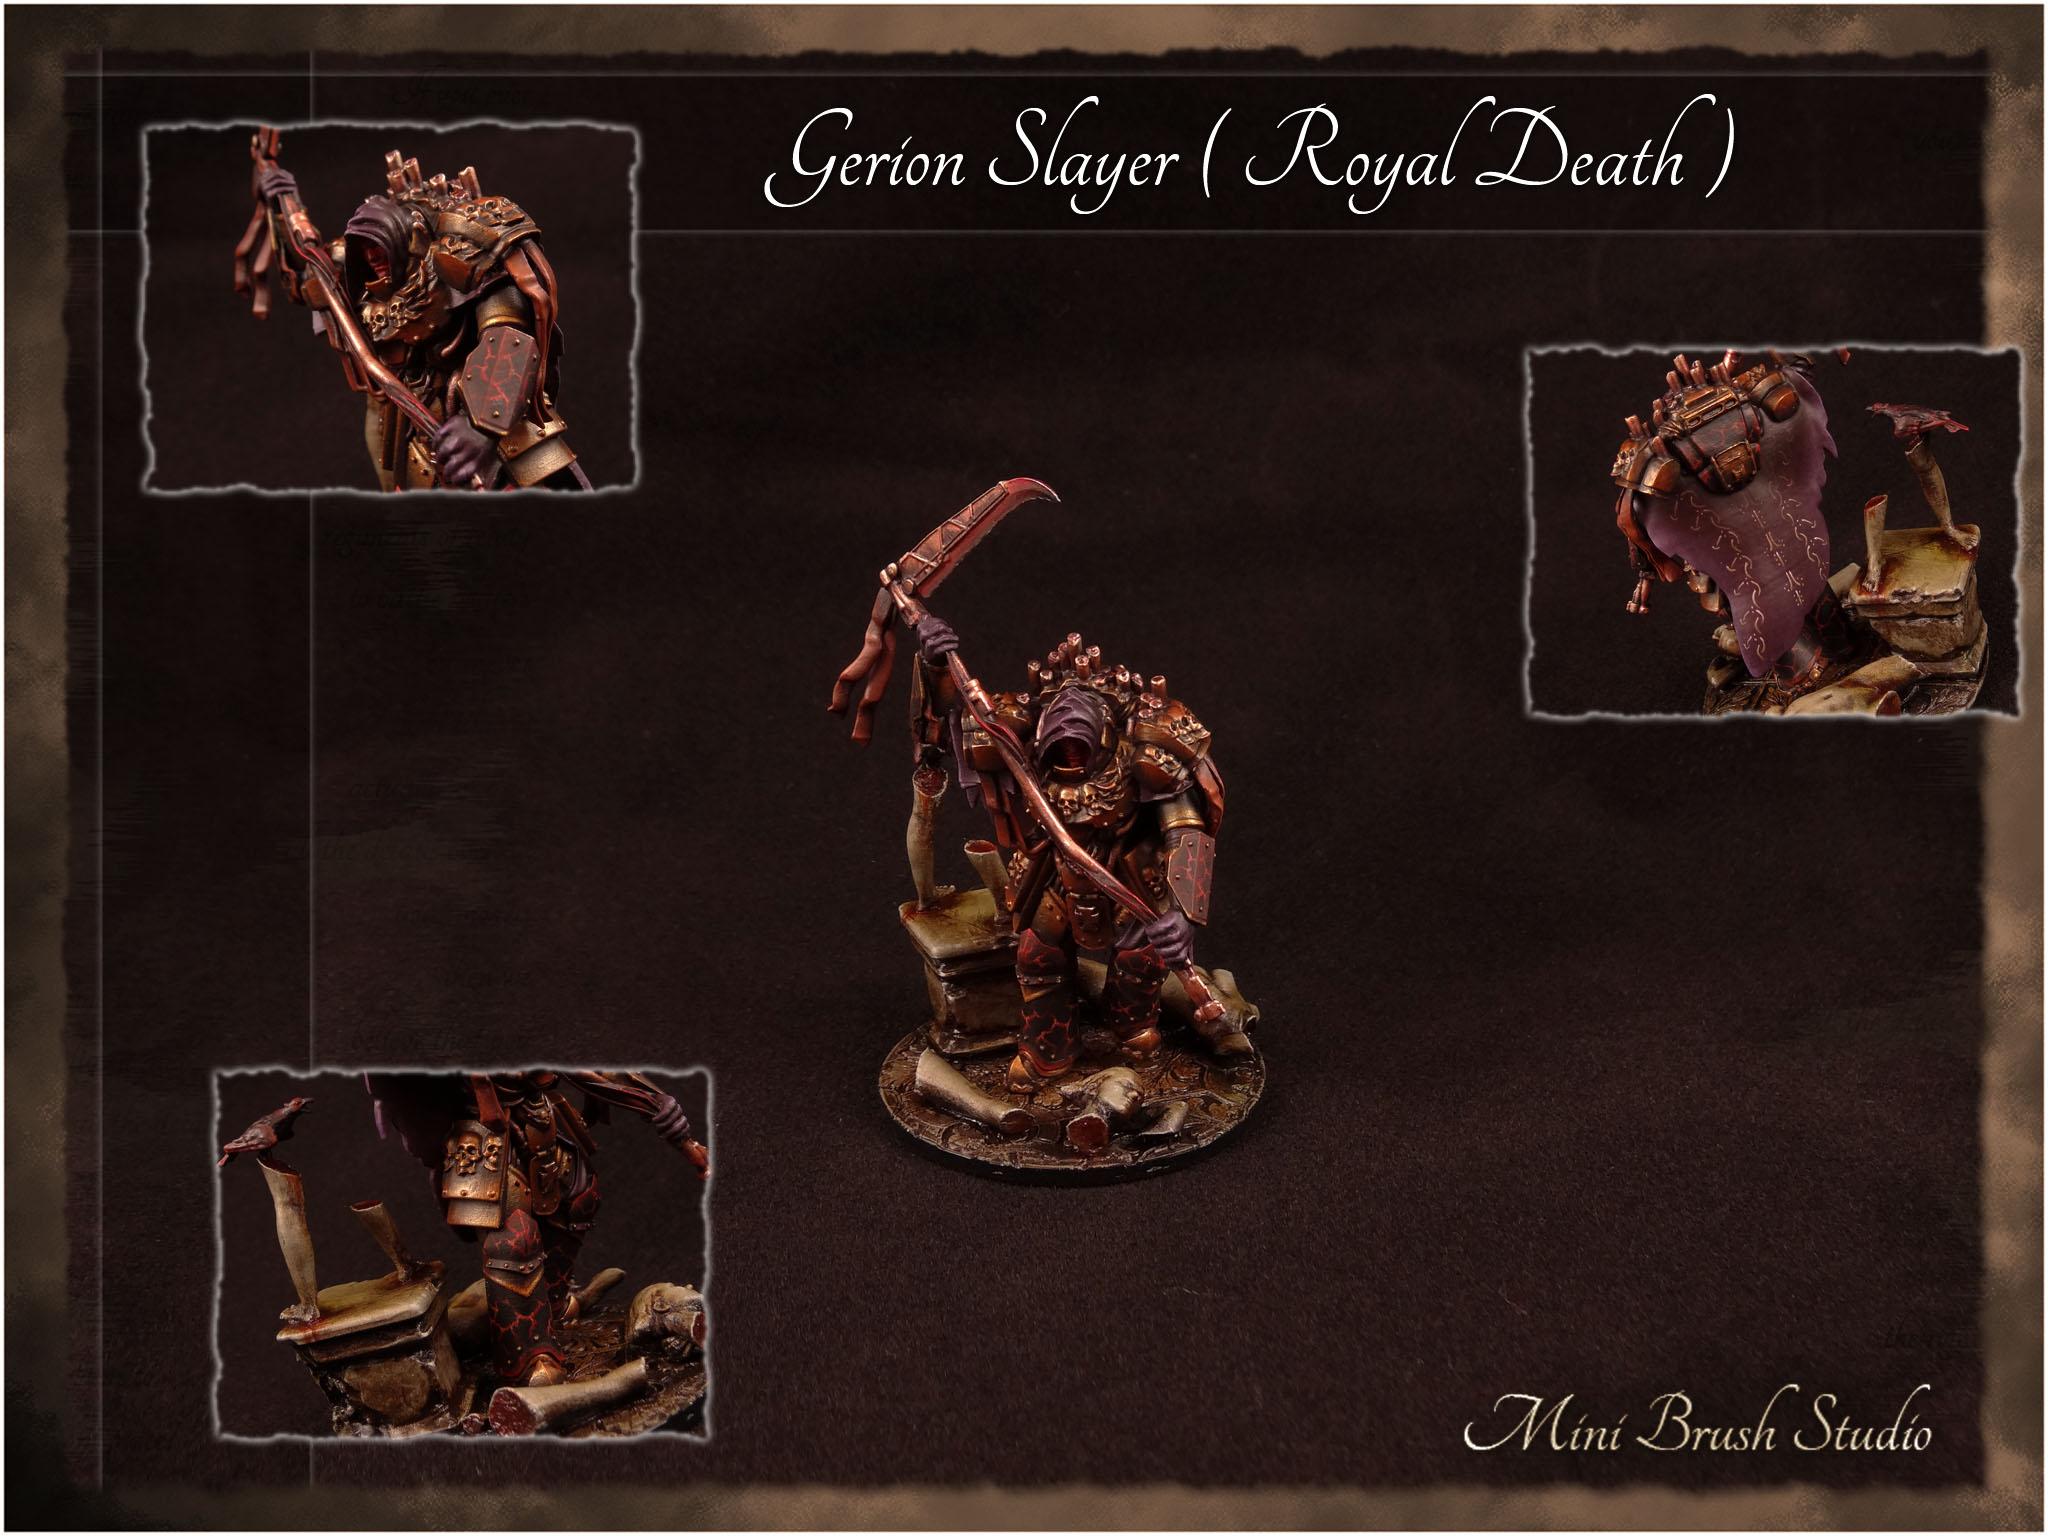 Gerion Slayer ( Royal Death ) 1 v7.jpg